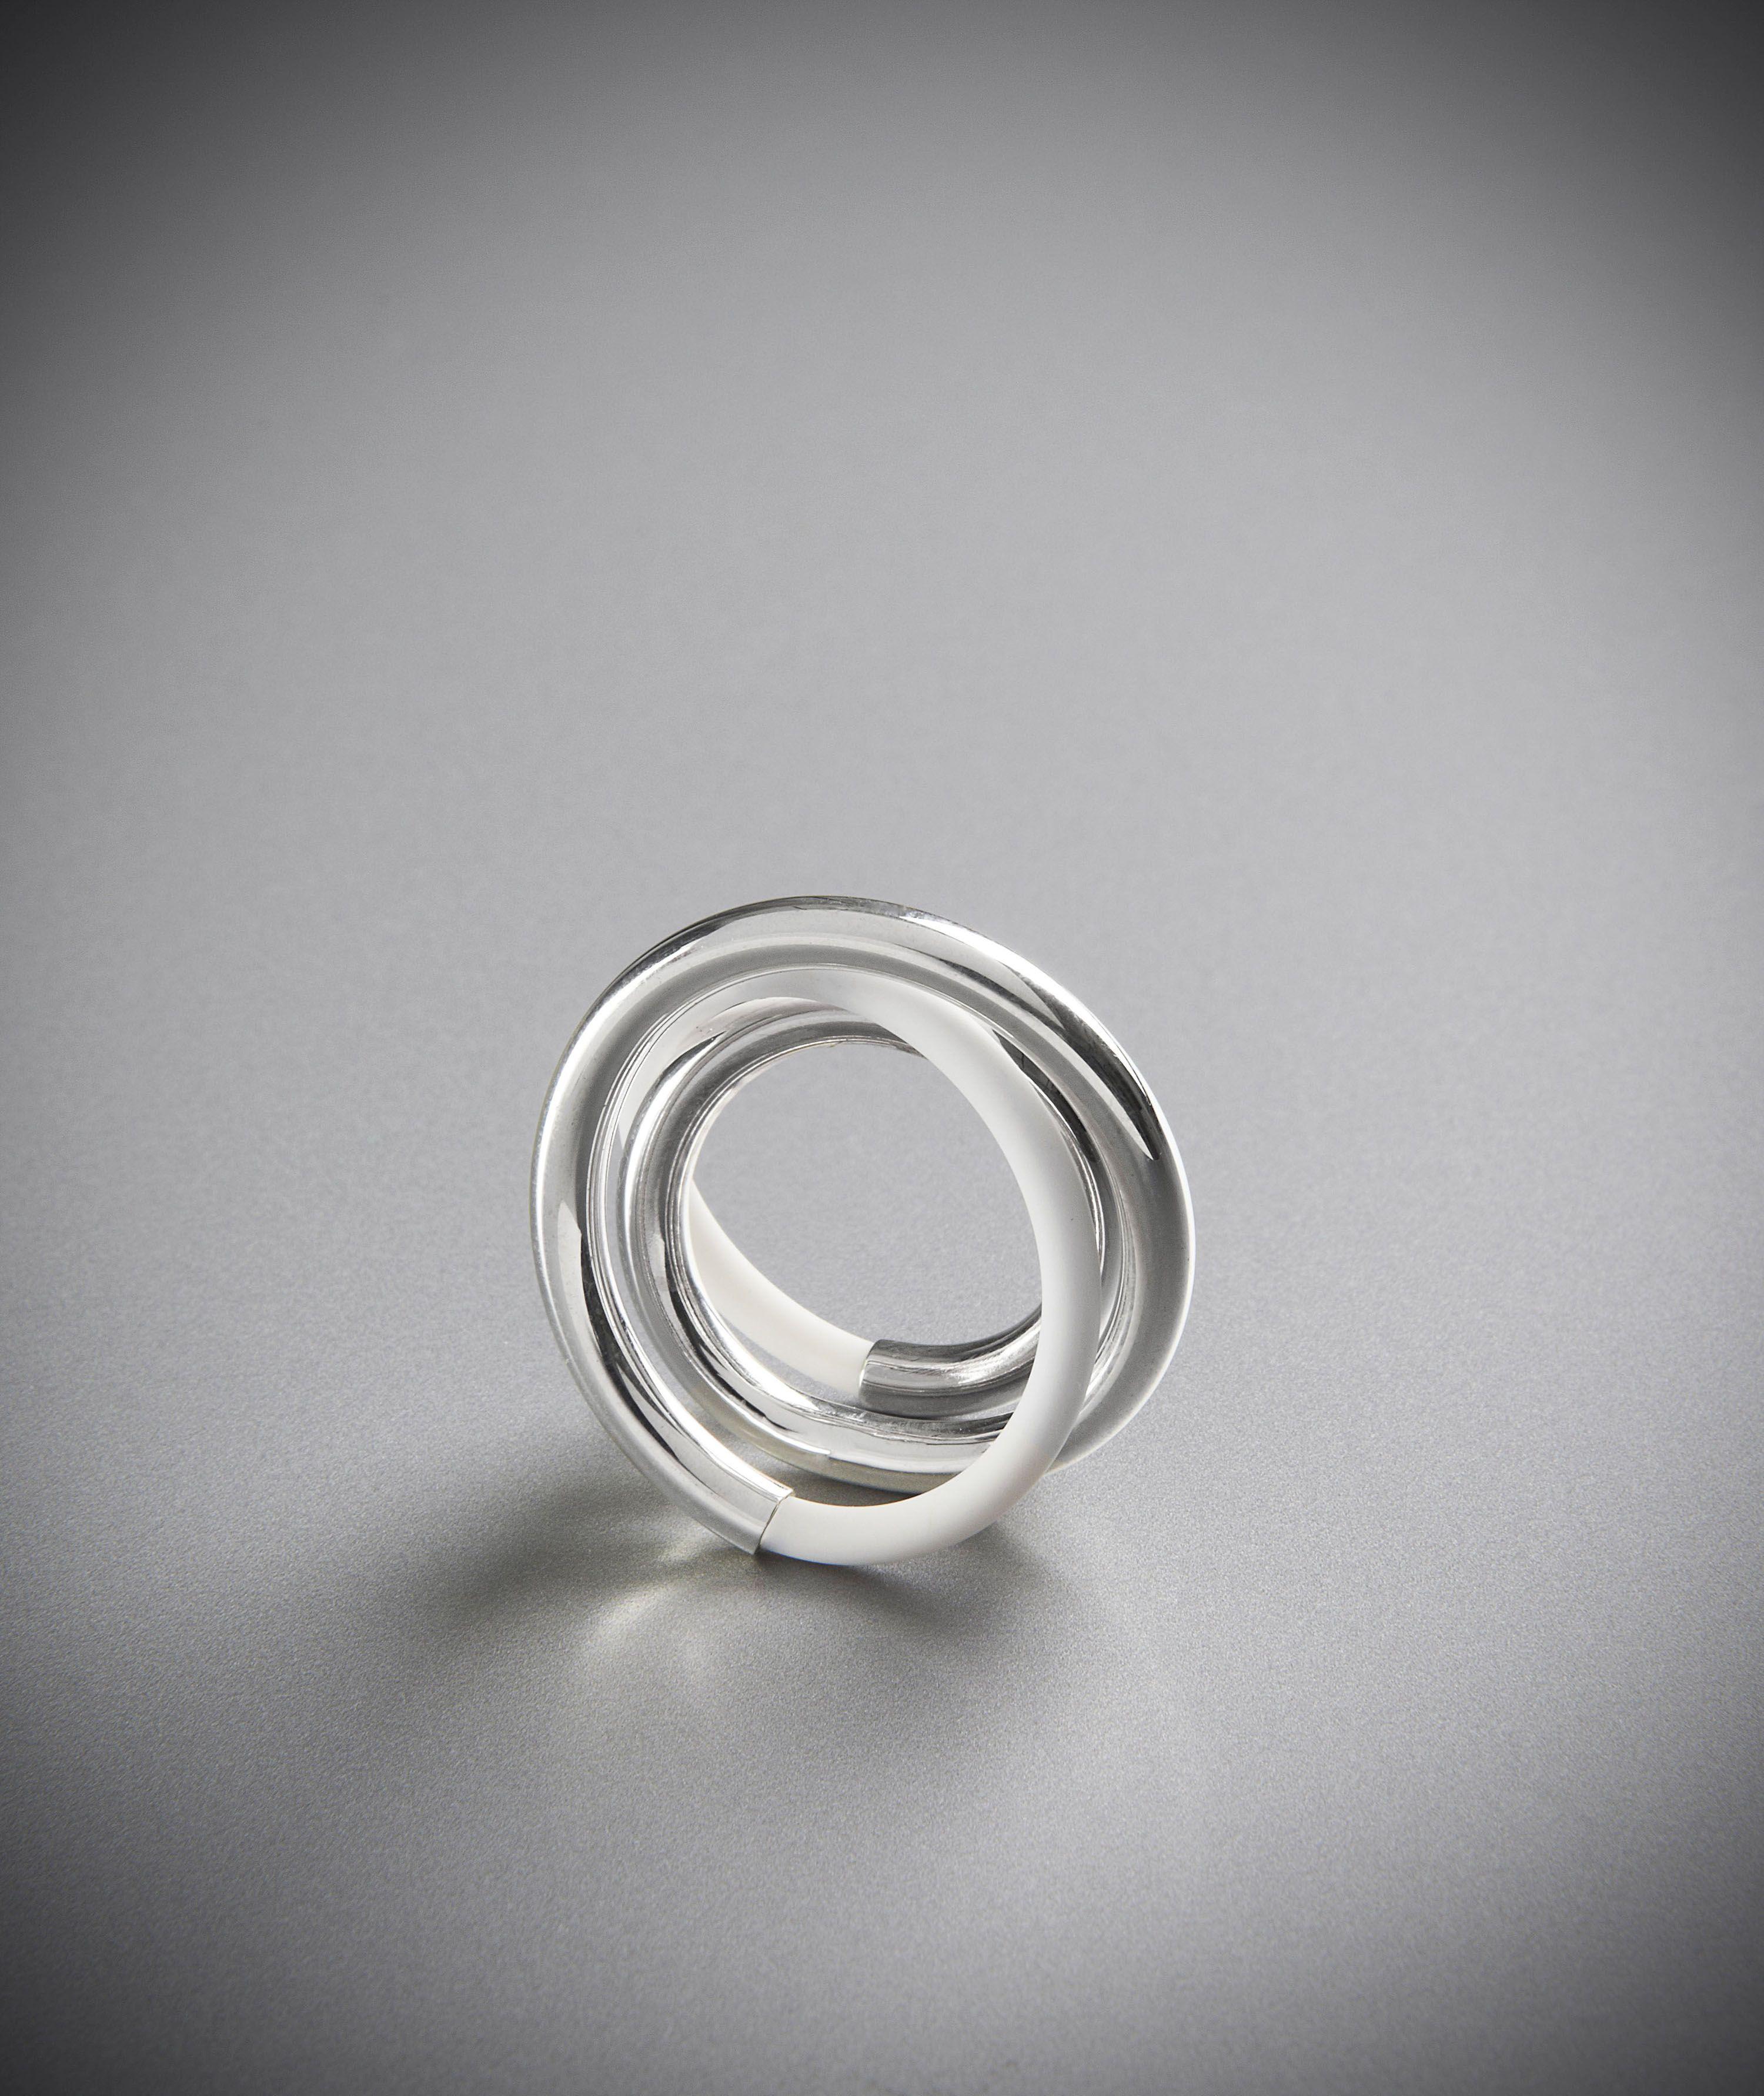 Look - Assemblage rings video